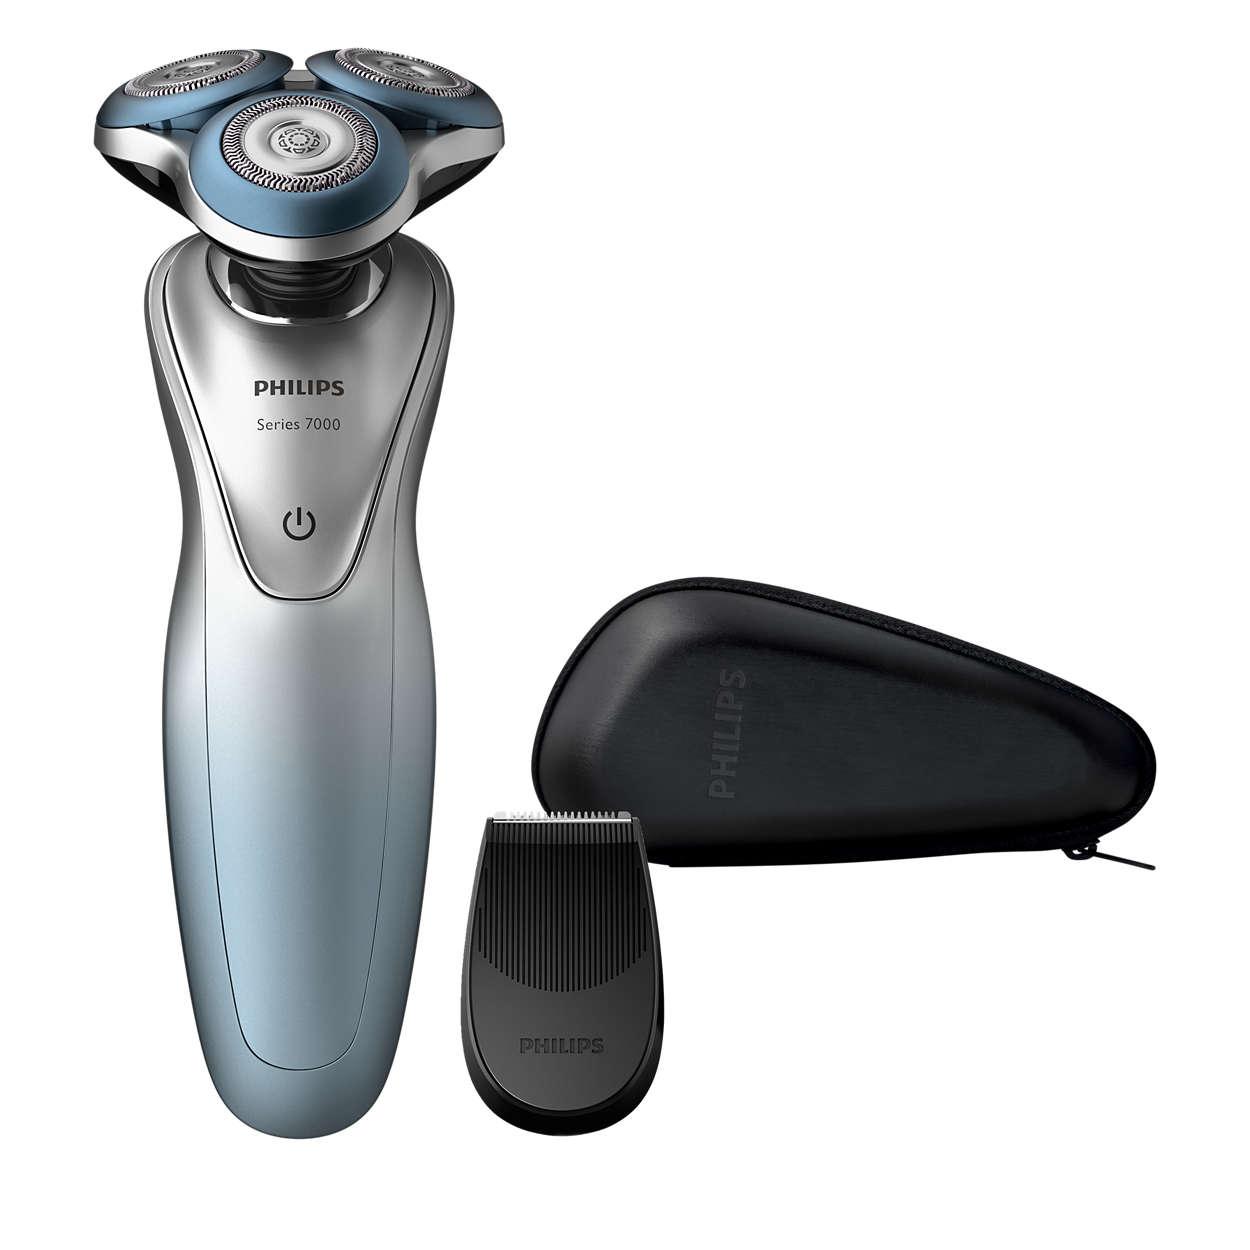 即使面對敏感肌膚也能服貼刮鬍